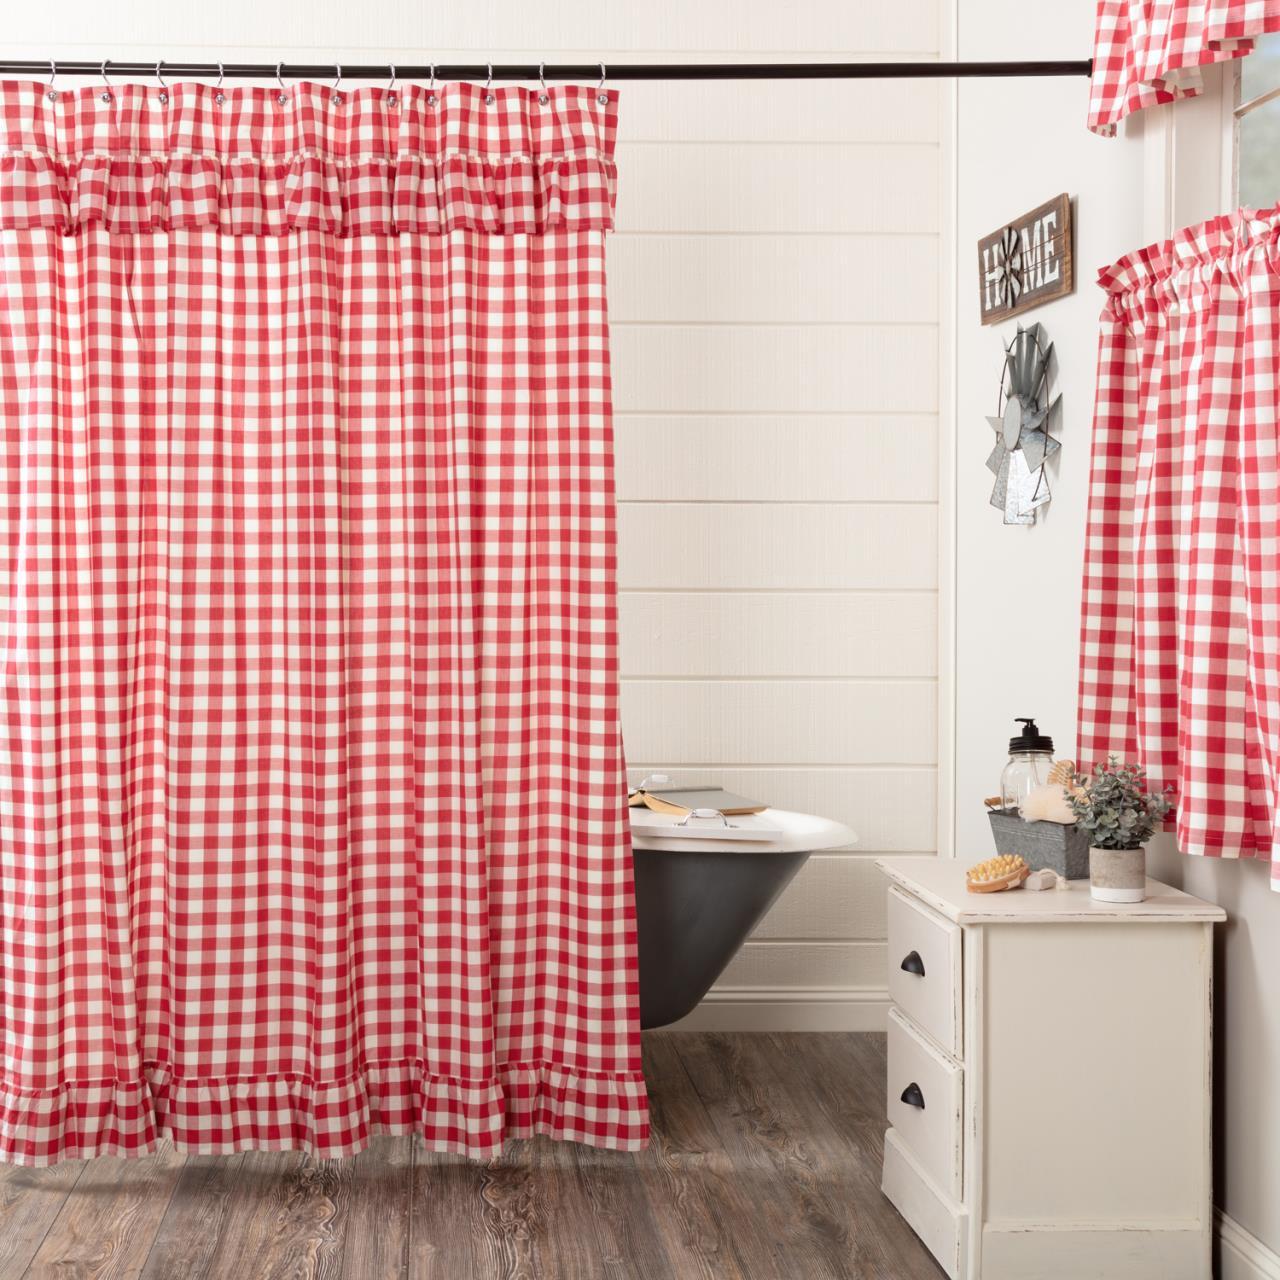 Annie Buffalo Red Check Ruffled Shower Curtain - 840528178924